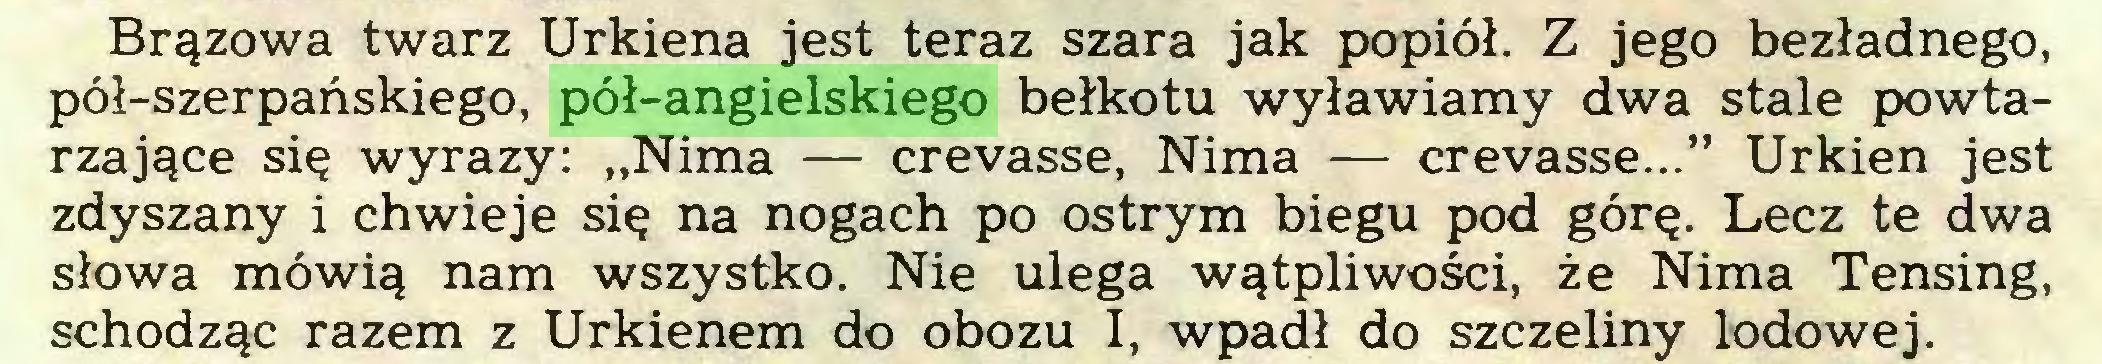 """(...) Brązowa twarz Urkiena jest teraz szara jak popiół. Z jego bezładnego, pół-szerpańskiego, pół-angielskiego bełkotu wyławiamy dwa stale powtarzające się wyrazy: """"Nima — crevasse, Nima — crevasse..."""" Urkien jest zdyszany i chwieje się na nogach po ostrym biegu pod górę. Lecz te dwa słowa mówią nam wszystko. Nie ulega wątpliwości, że Nima Tensing, schodząc razem z Urkienem do obozu I, wpadł do szczeliny lodowej..."""